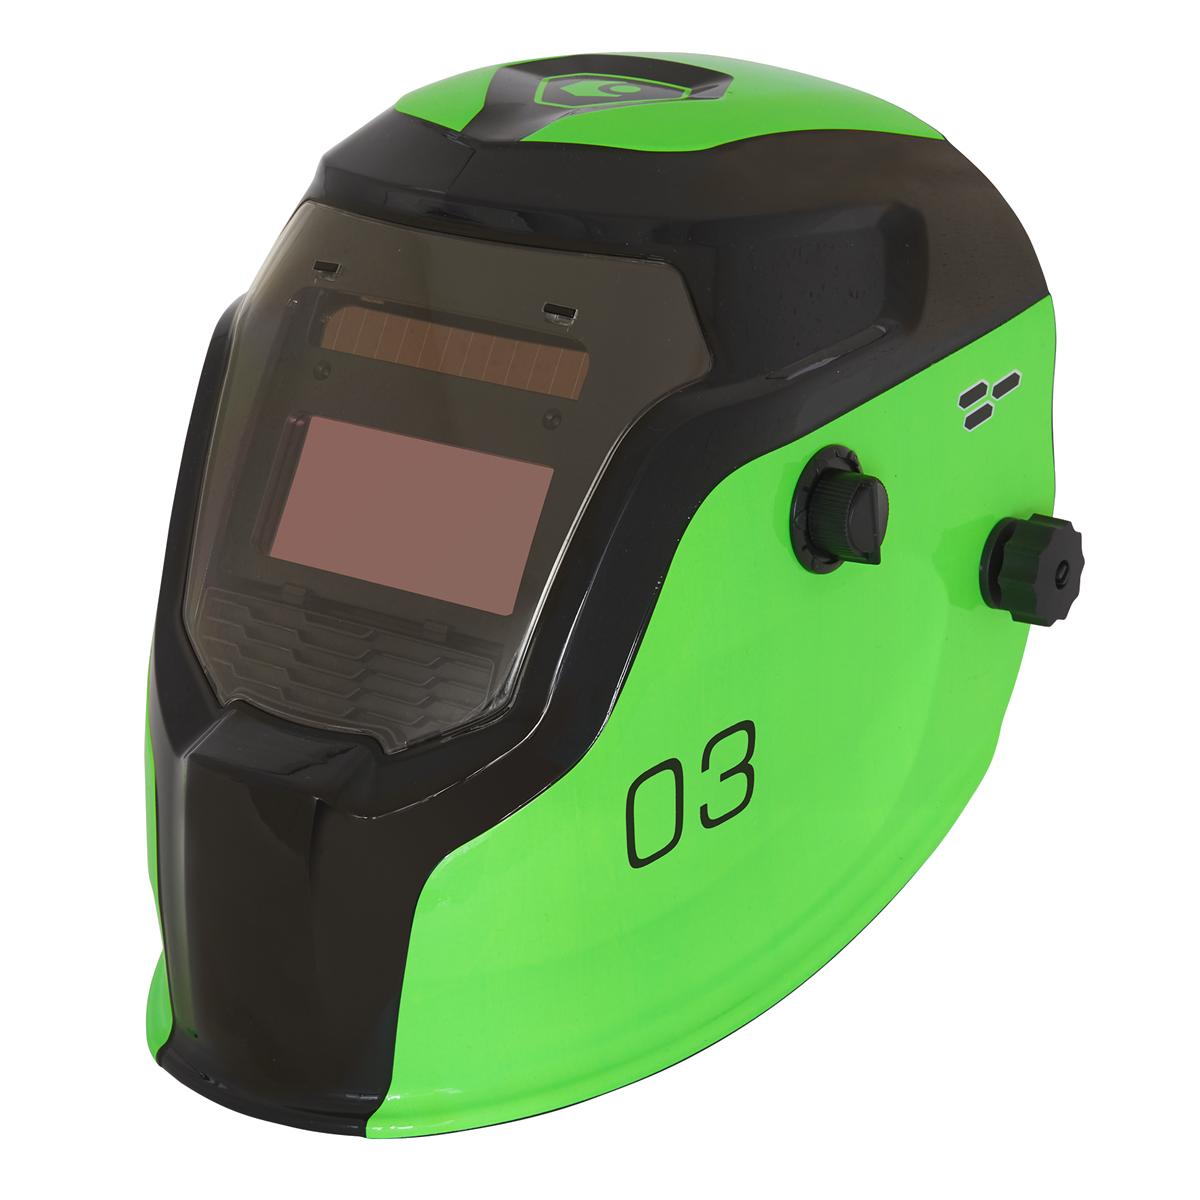 Auto Darkening Welding Helmet Shade 9-13 - Green